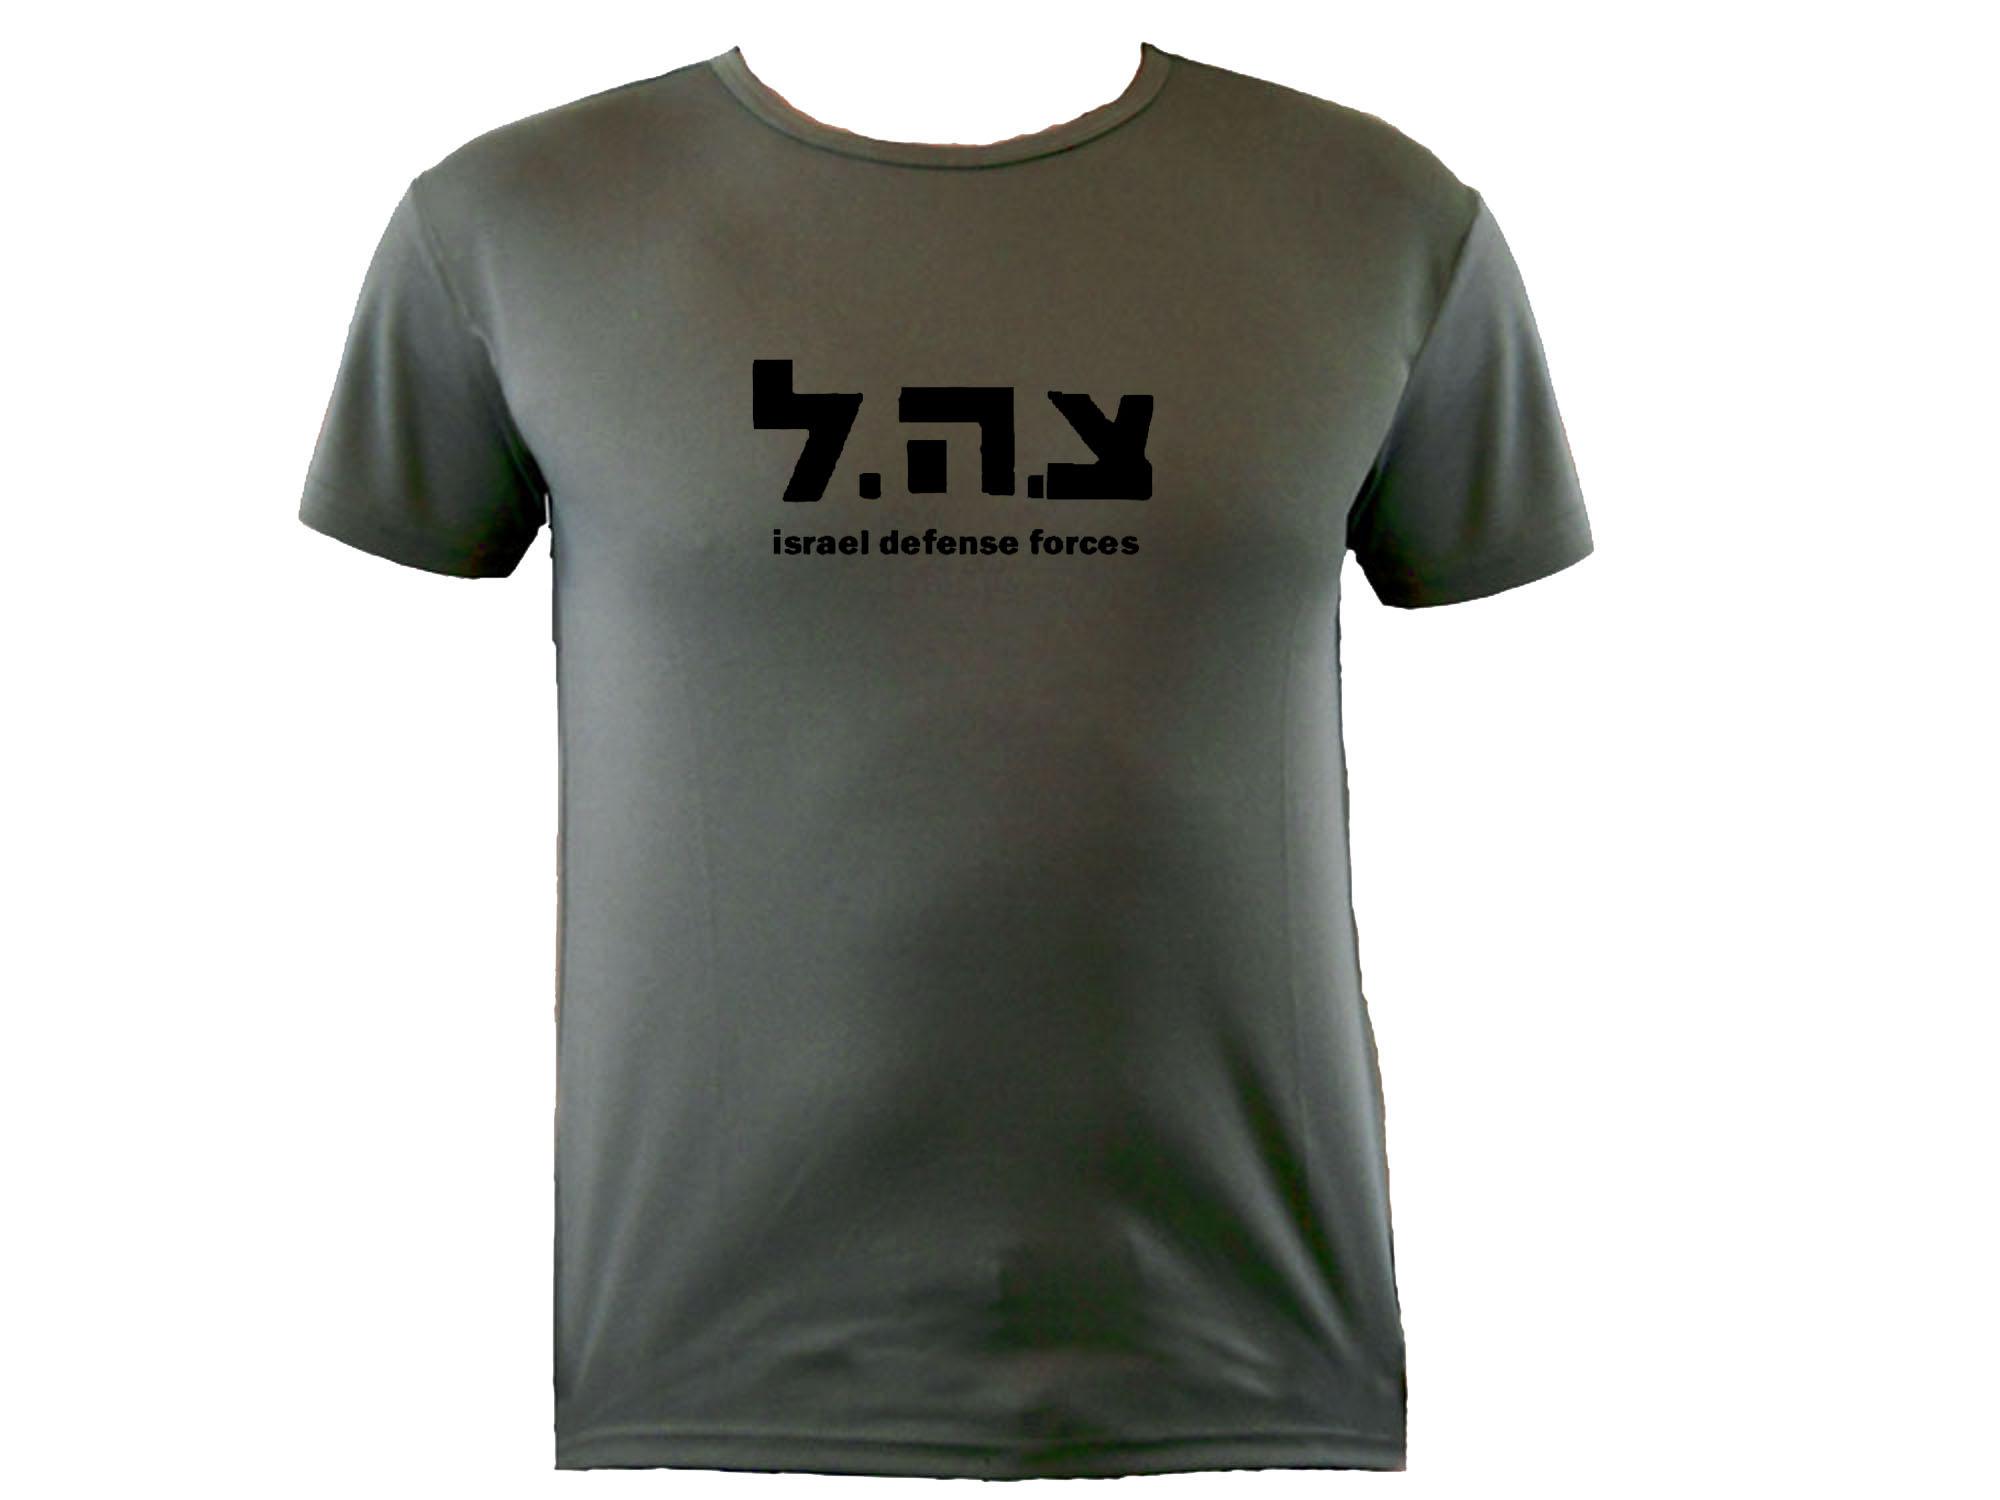 israel jewish apparel my cool t shirt